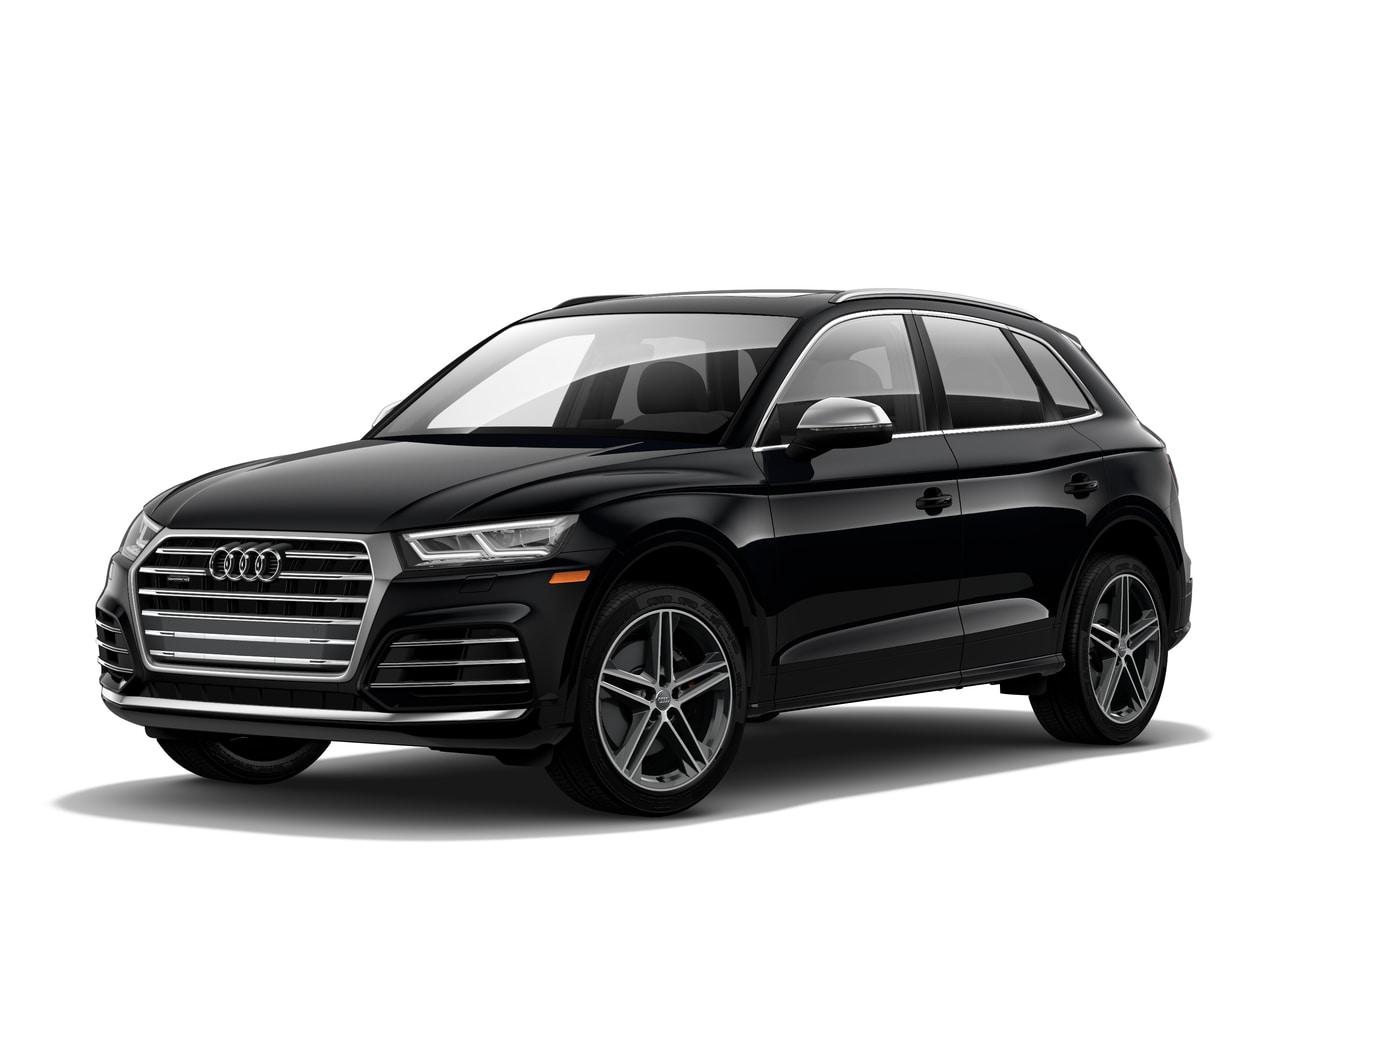 2019 Audi SQ5 3.0 TFSI Premium Plus